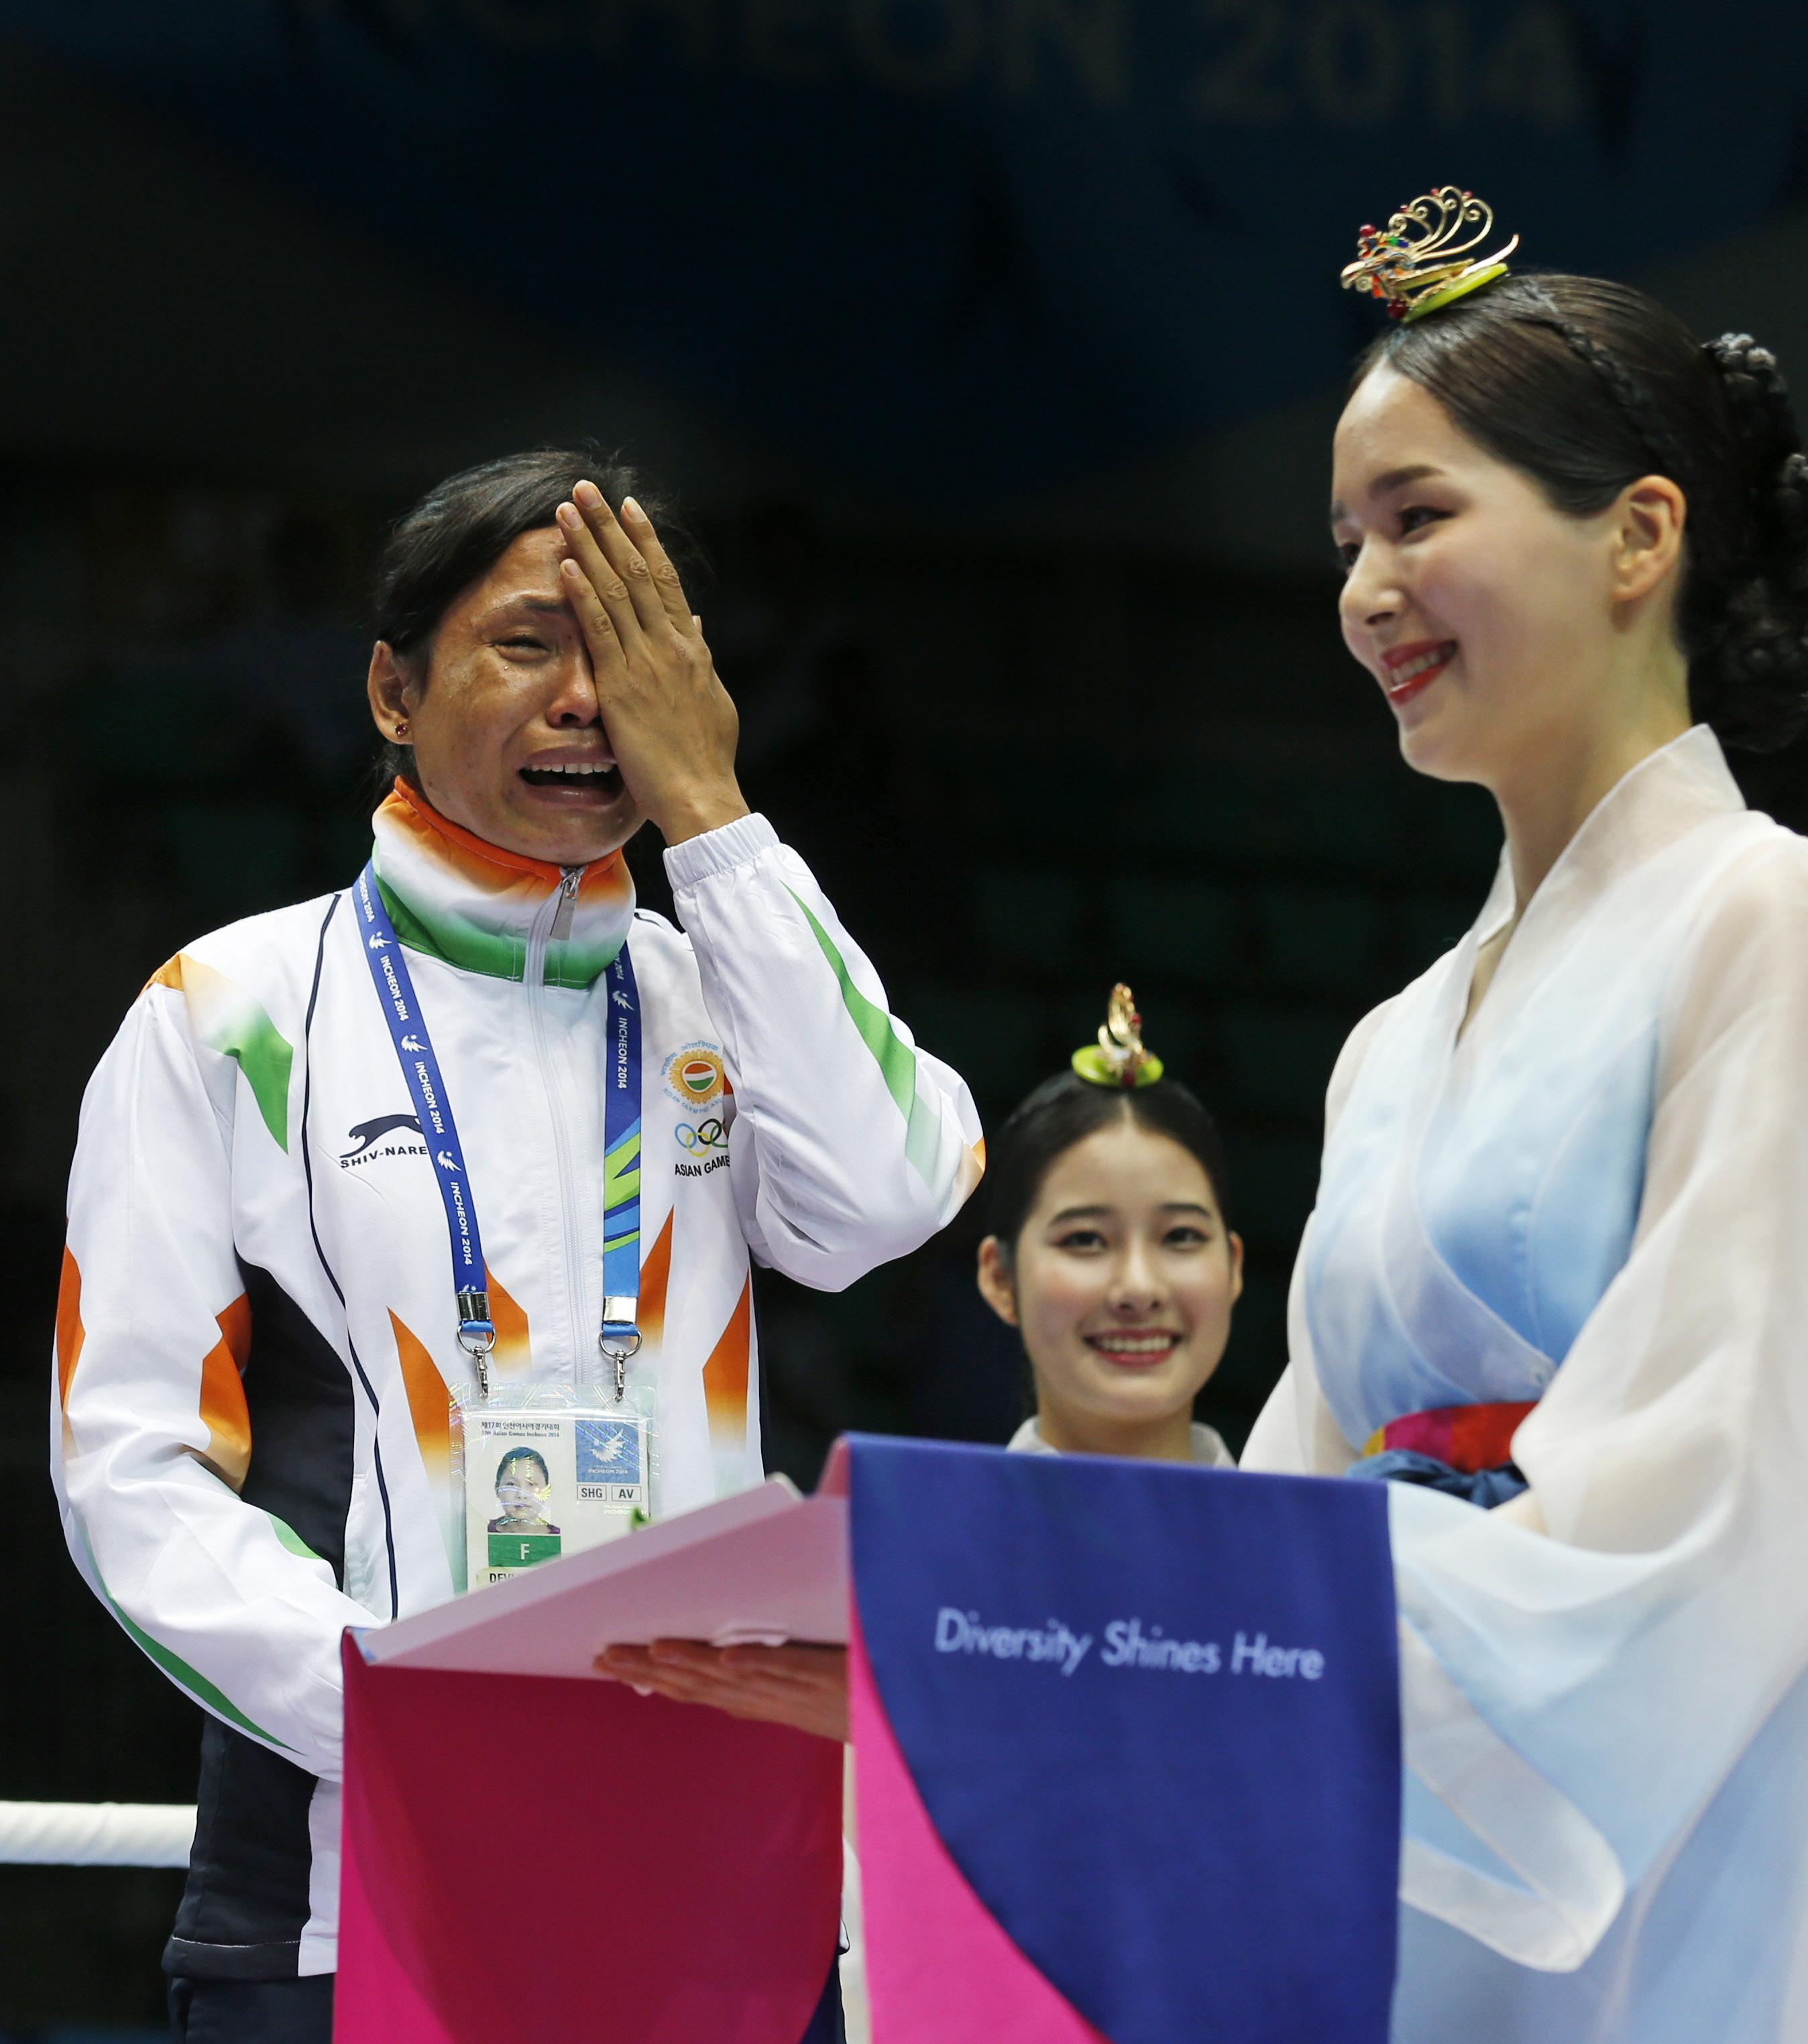 sarita2 - Asian Games North And South Korea